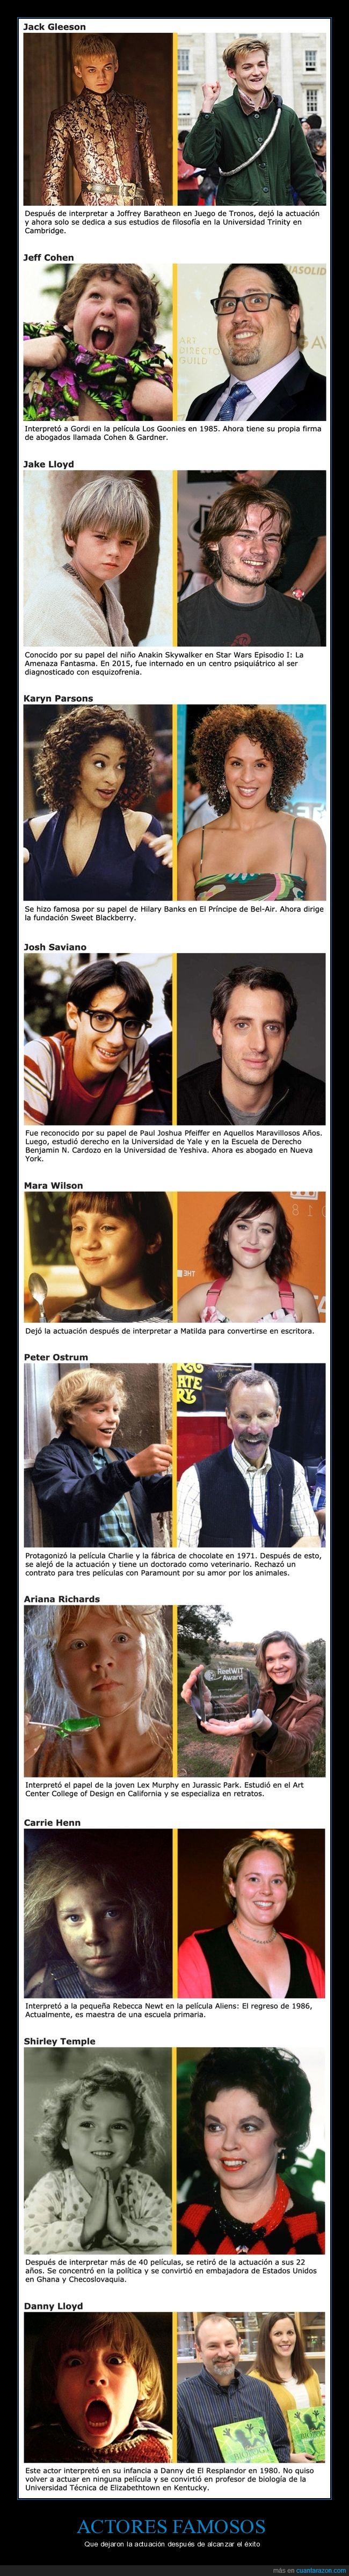 actores,actuación,cine,curiosidades,dejar,famosos